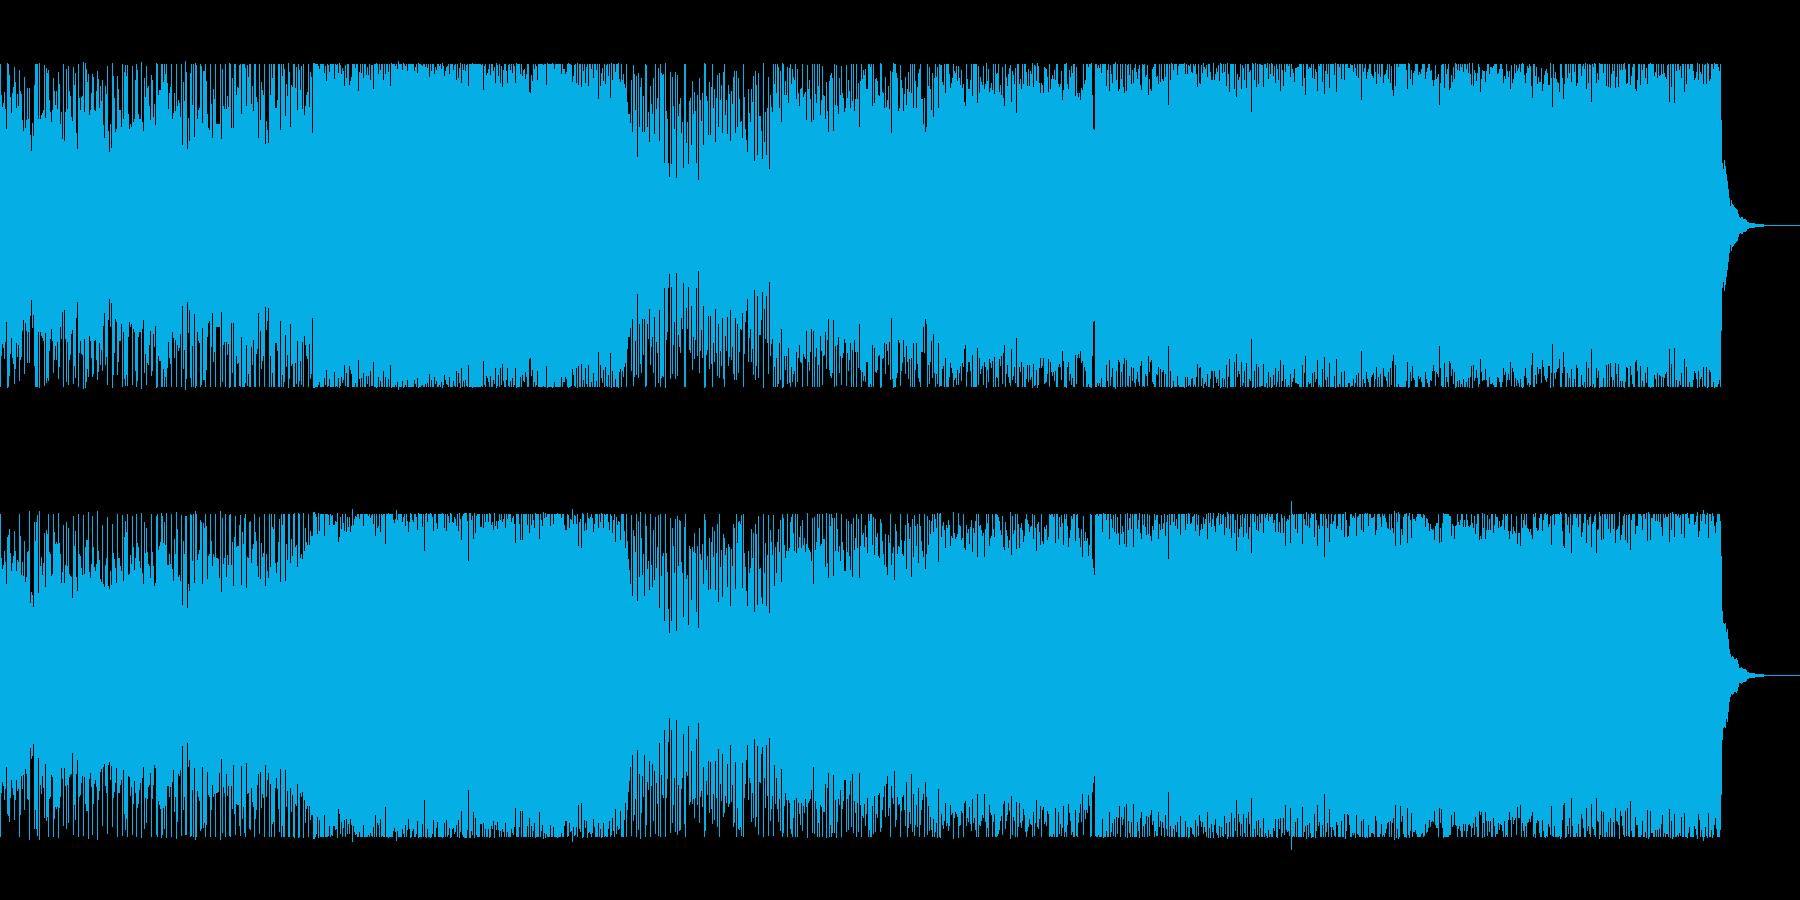 疾走感のあるギターロックとシンセの再生済みの波形